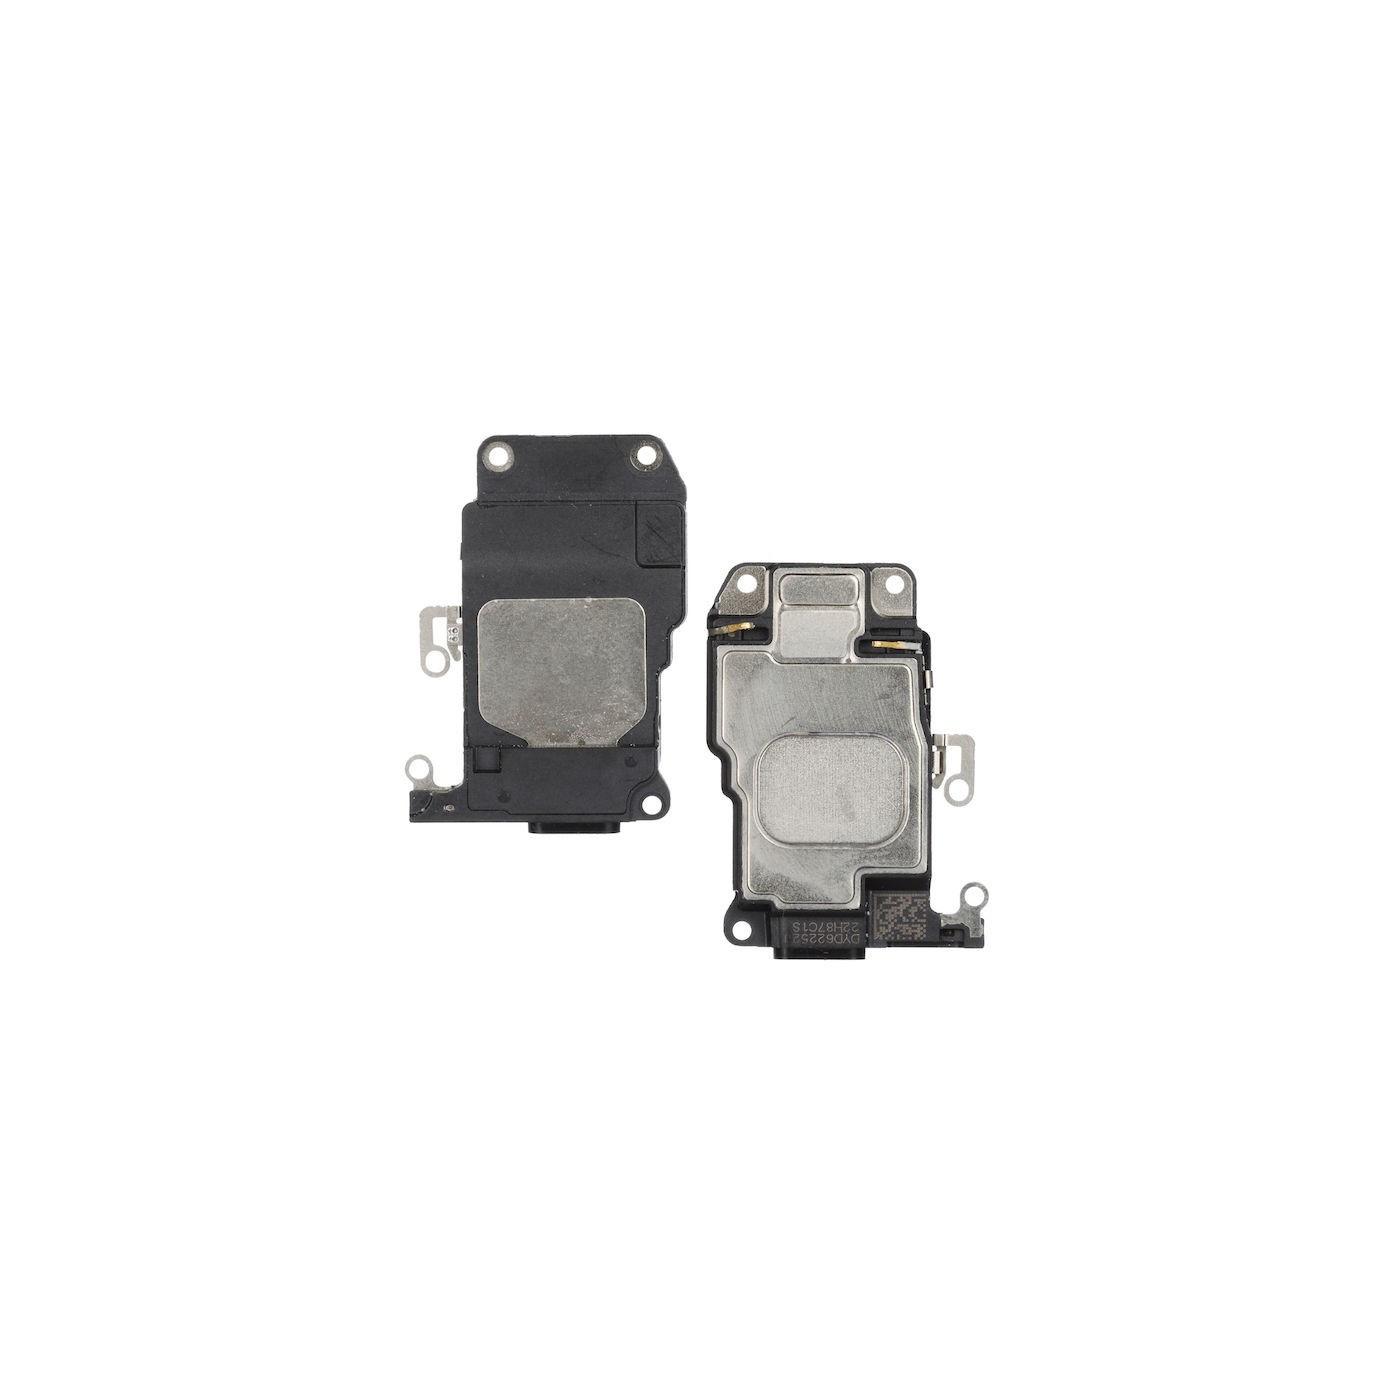 Loud speaker buzzer Iphone 7 casse soneria altoparlante inferiore